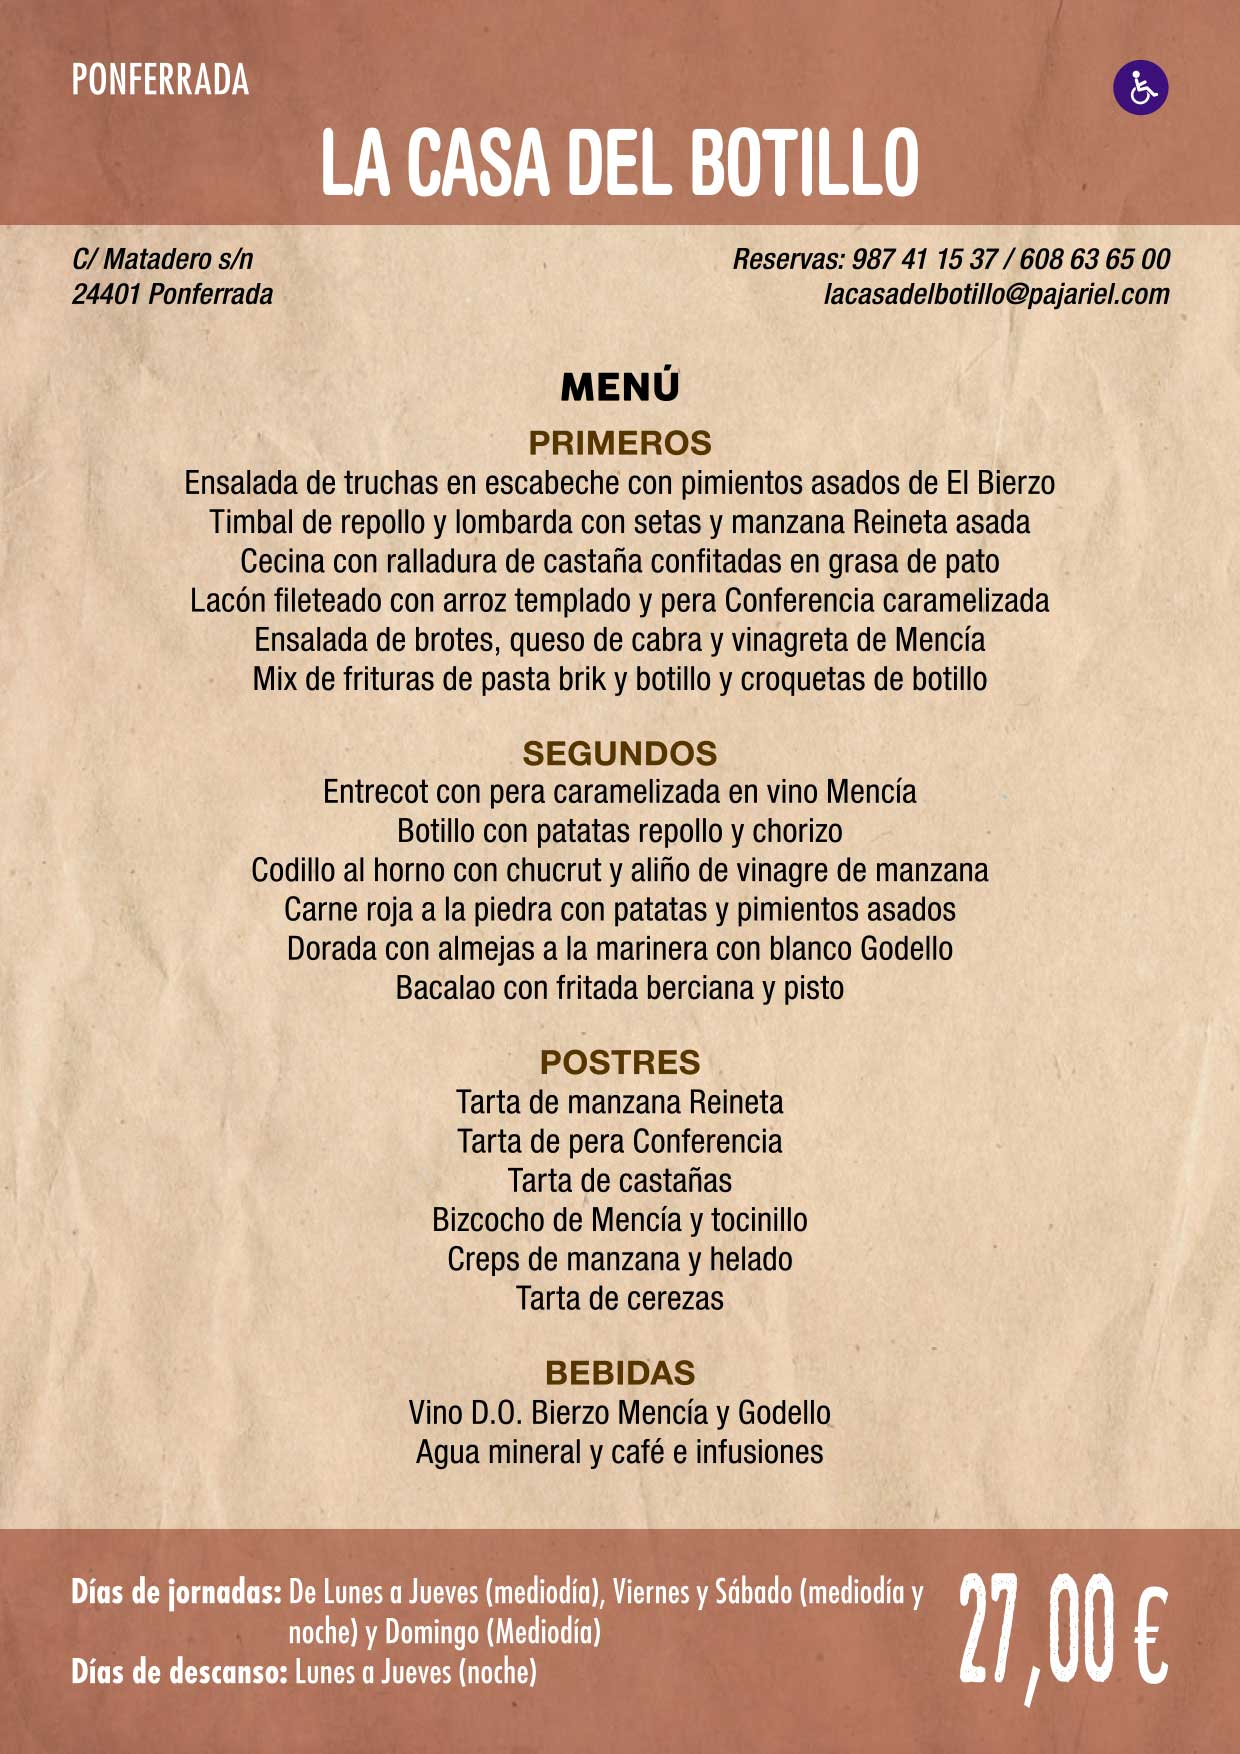 XXXVI Jornadas Gastronómicas De El Bierzo 2020. Consulta los restaurantes y menús 20